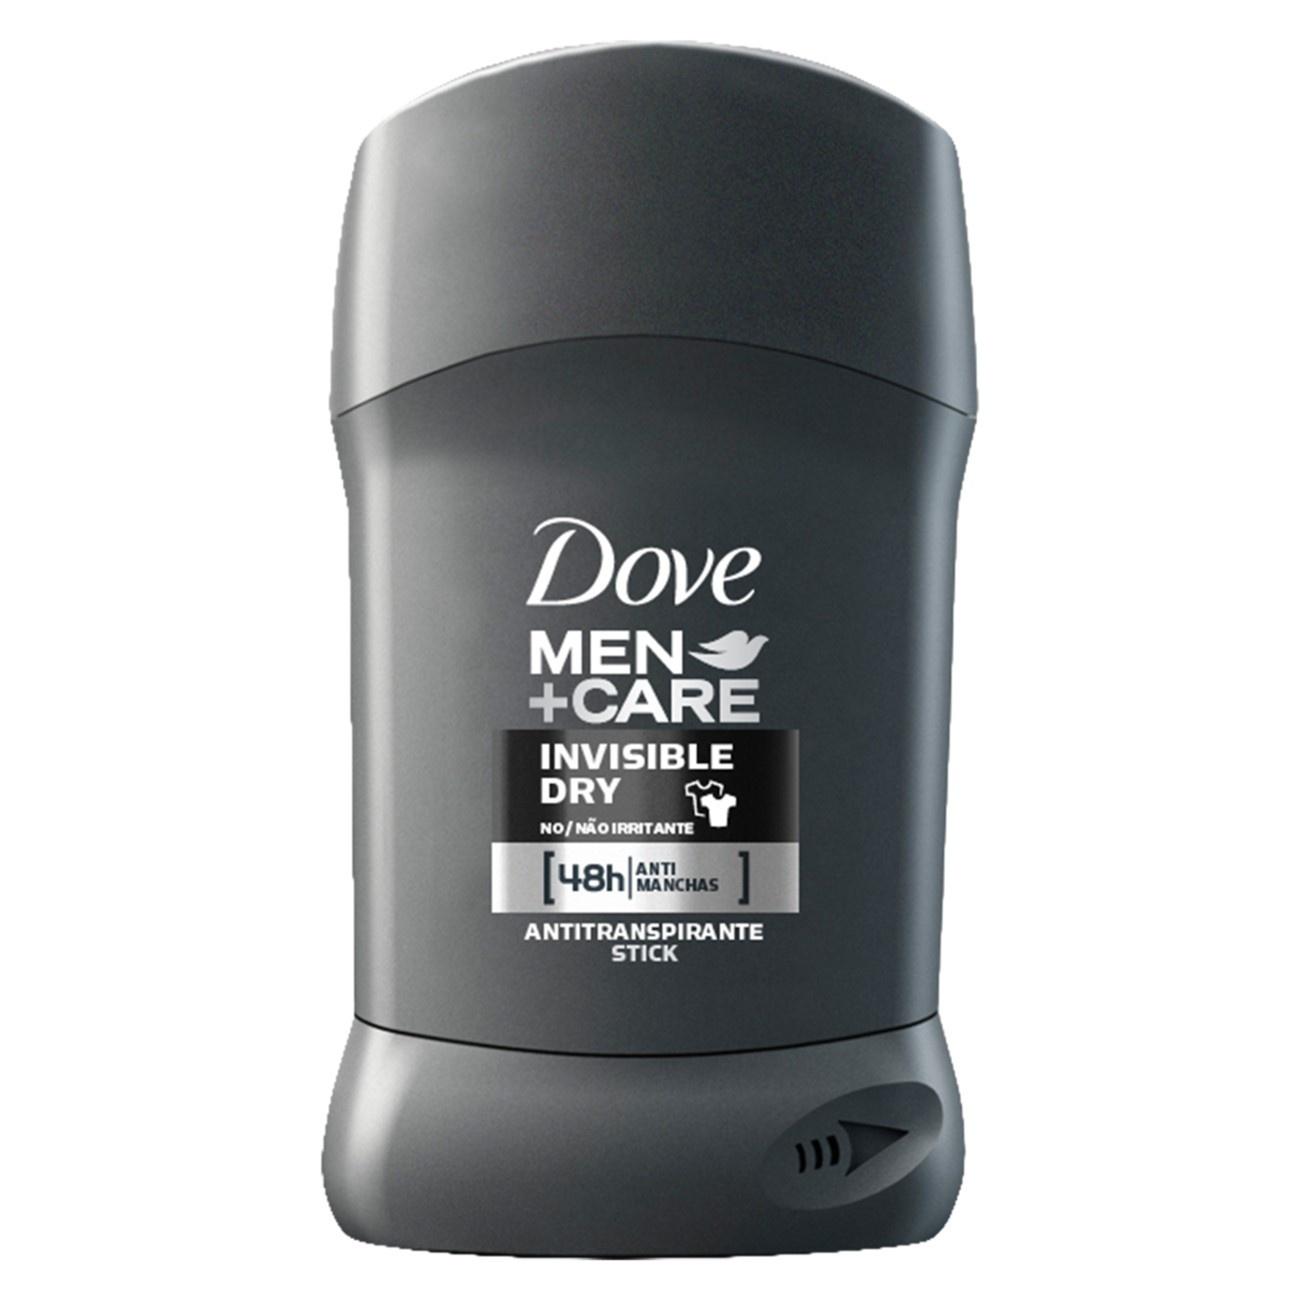 Antitranspirante Stick Dove Invisible Dry Men+Care 50g